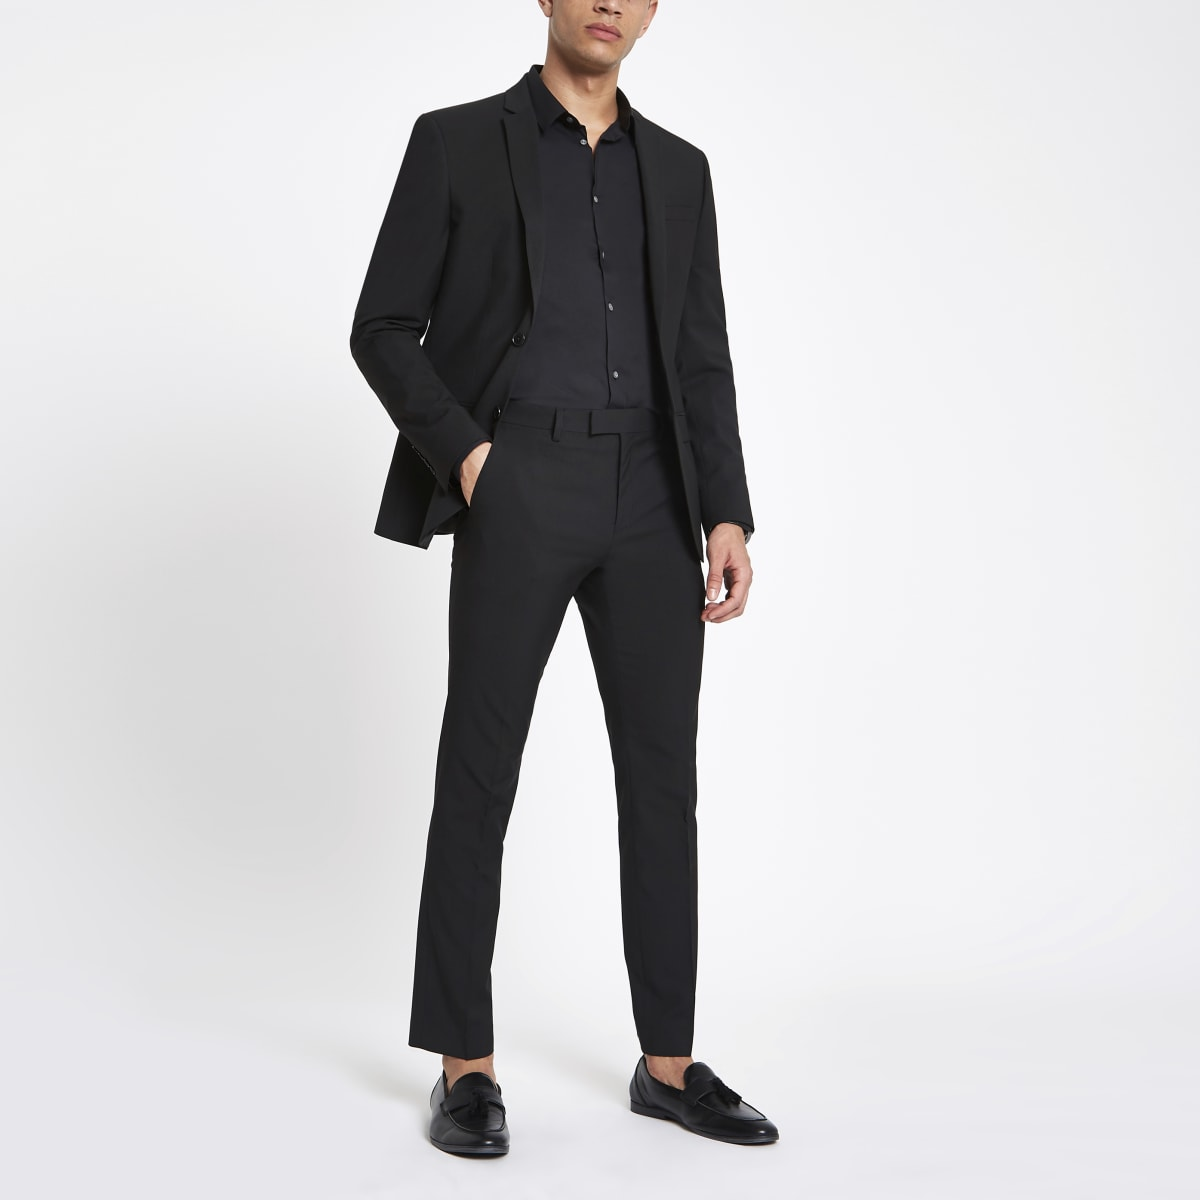 Black skinny suit pants